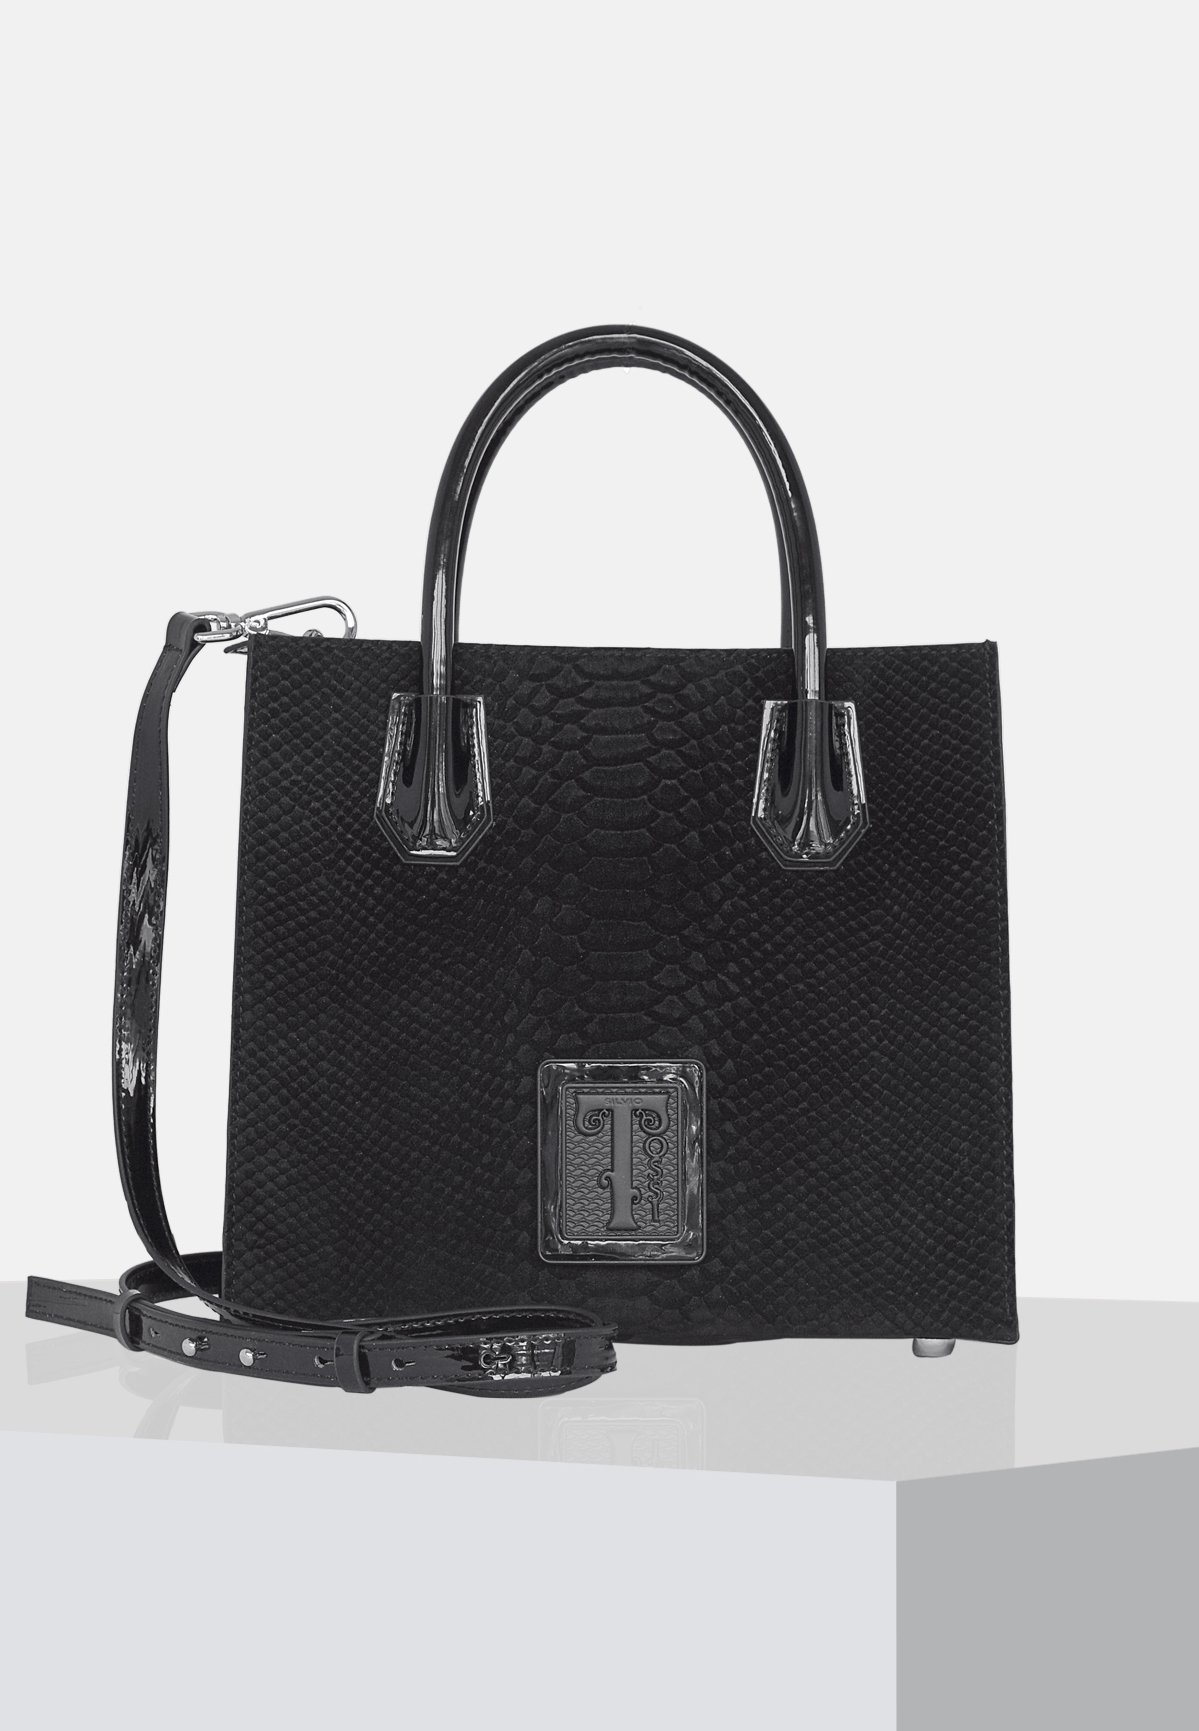 Professional Best Supplier Accessories Silvio Tossi Handbag black HtQxMuFlb IE0SF6BTE